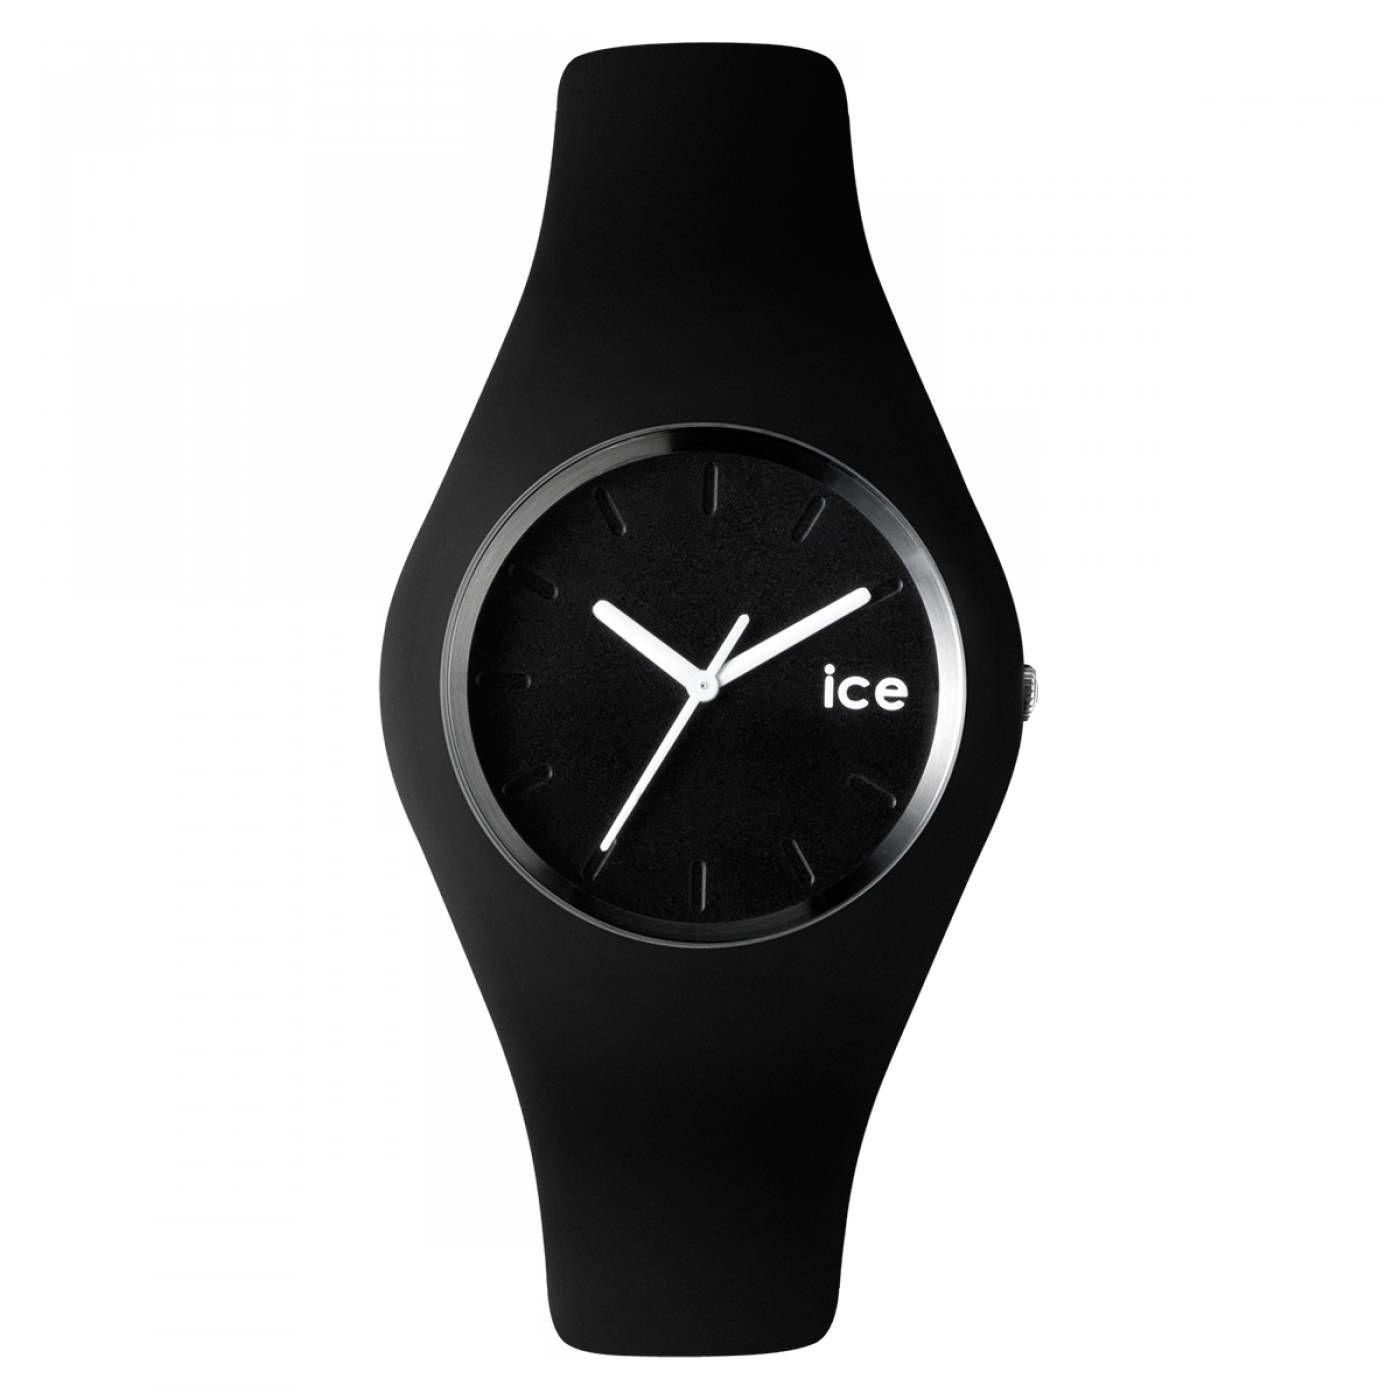 2d1f4eaba79b0 Montre Homme & Femme ICE Noir - Ice Watch | accessories <3 en 2019 ...